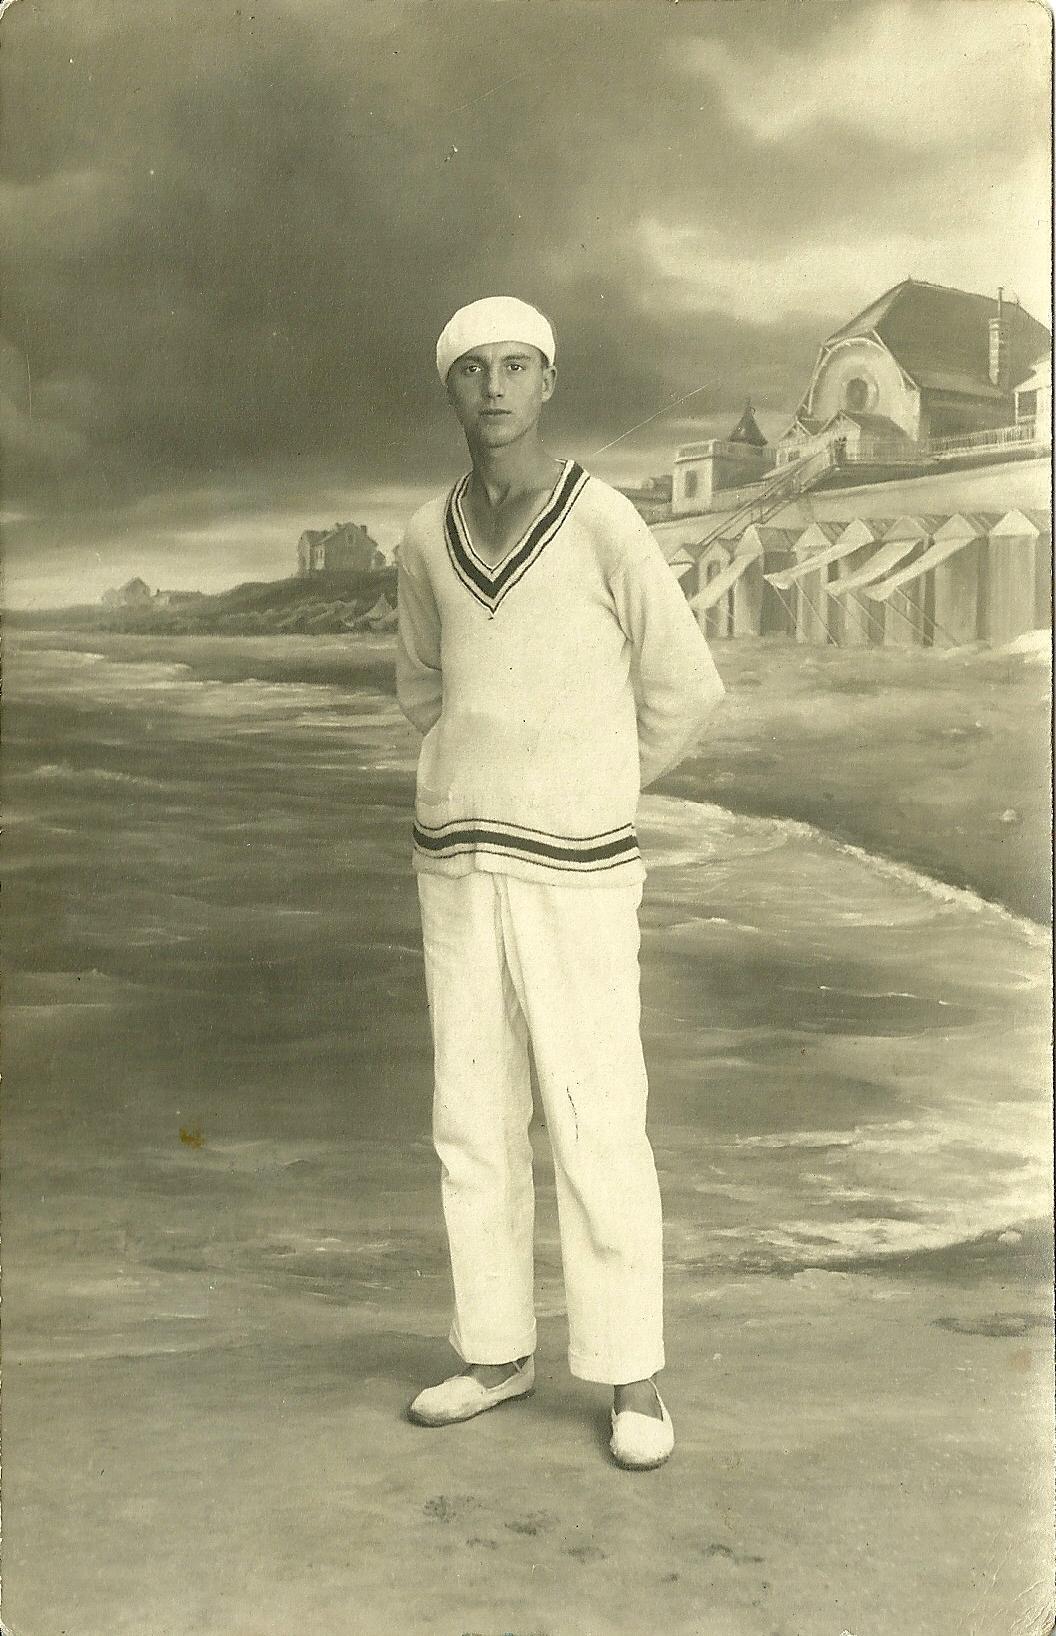 Saint-Gilles-sur-Vie, un tennisman en studio.